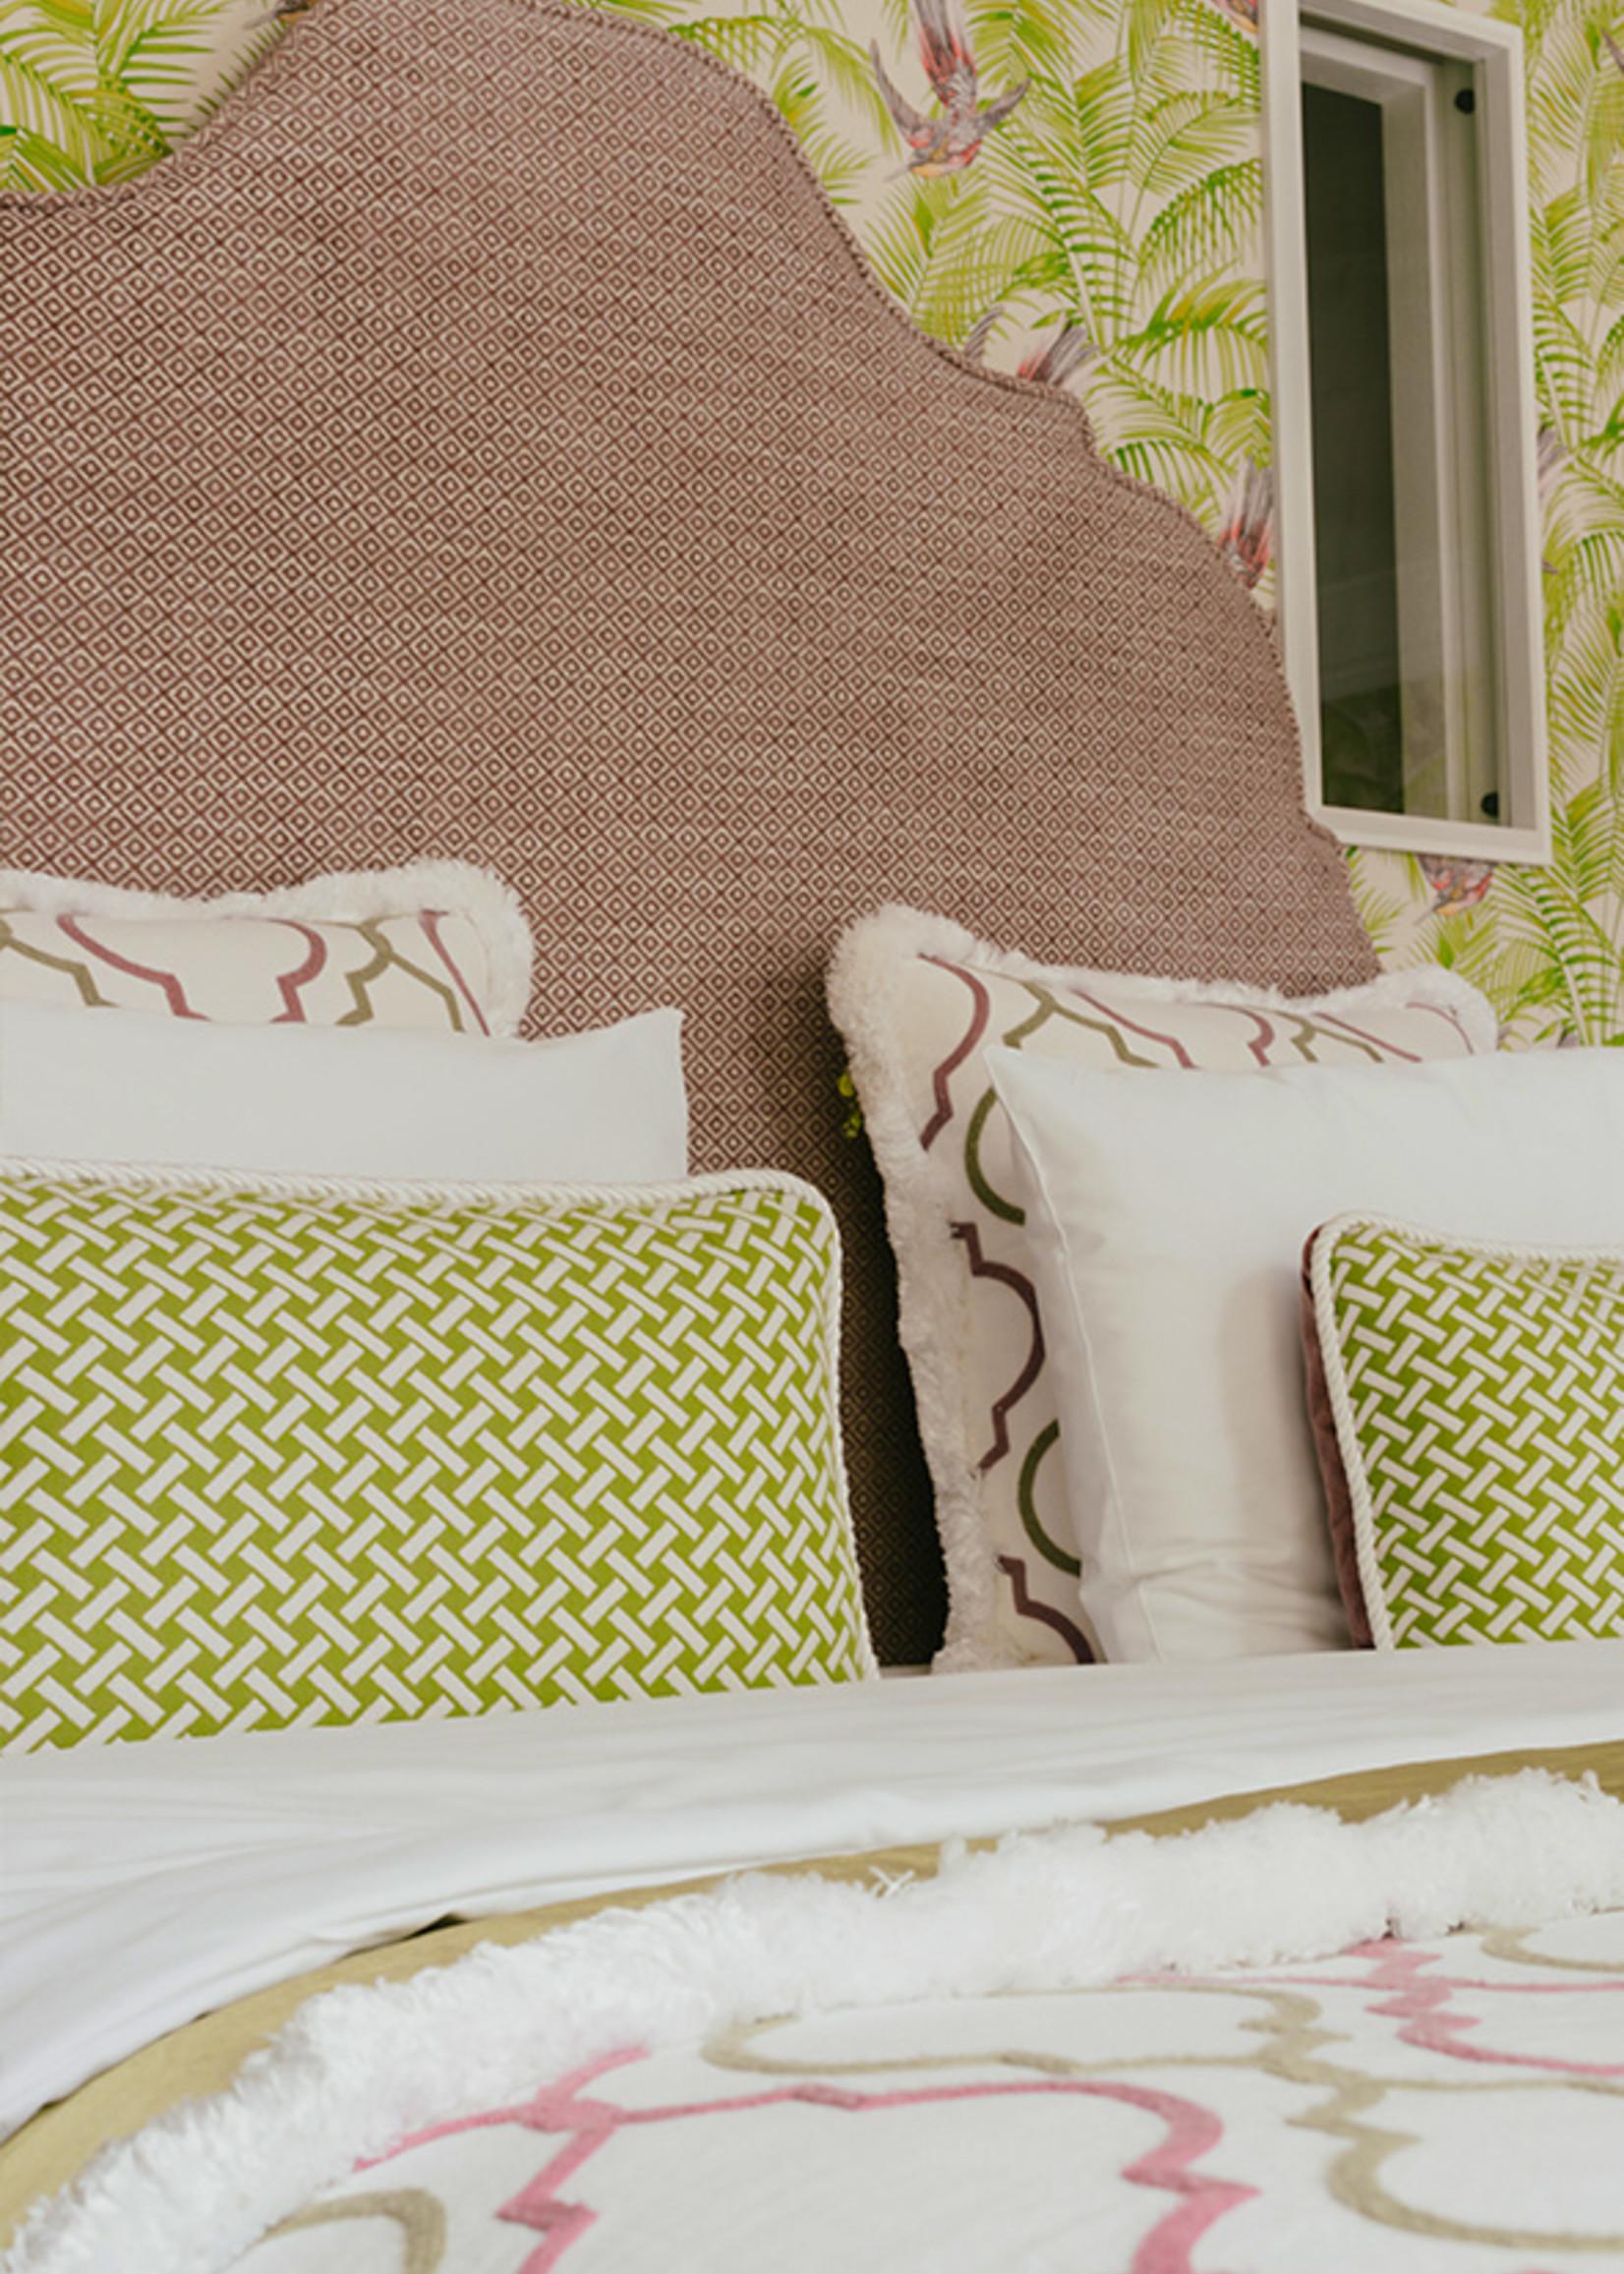 Esther's Tropical Bird room's pillows